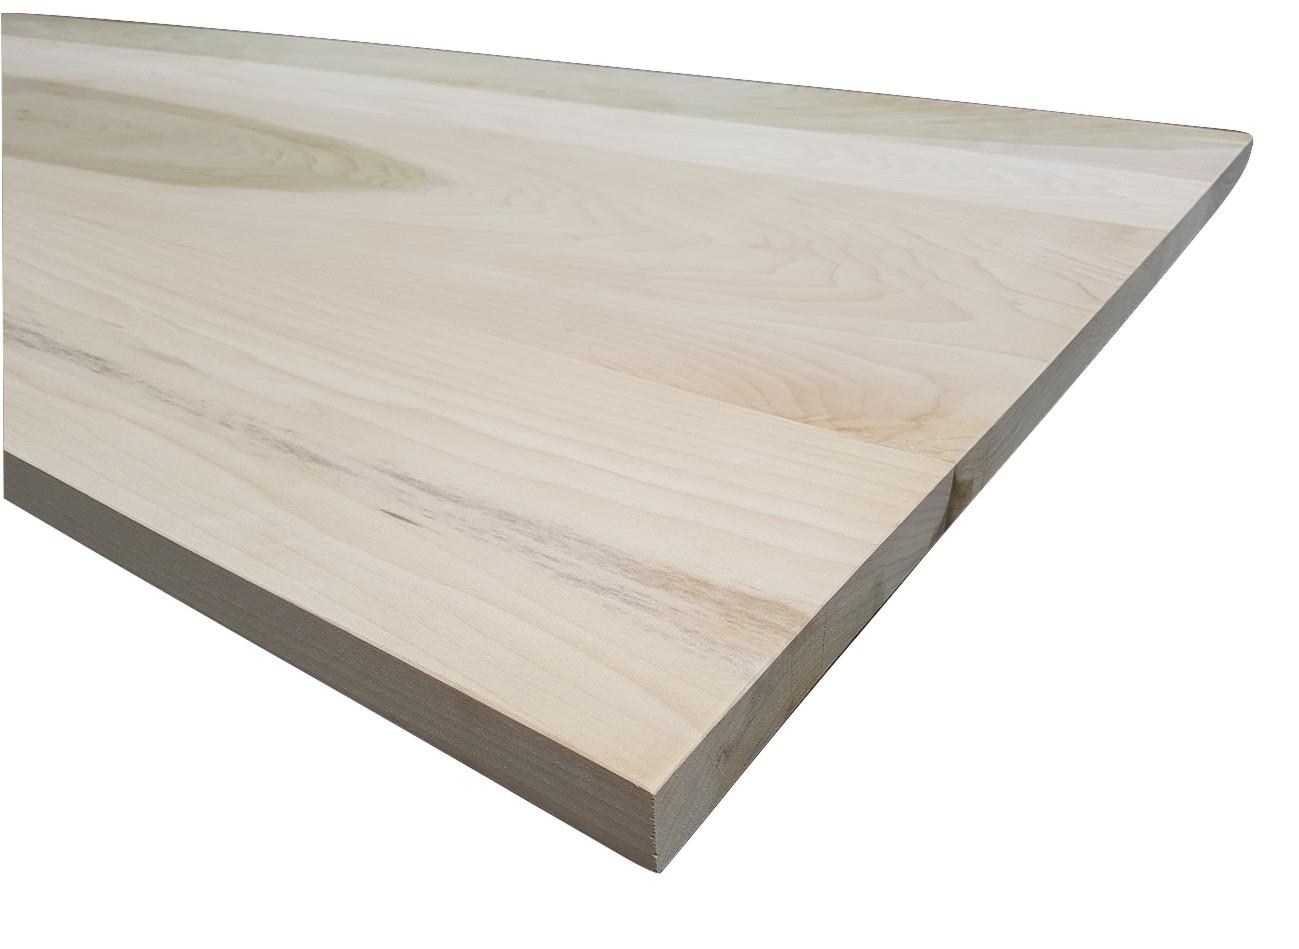 Piano tavolo in legno di tulipier piano tavolo in legno - Piano tavolo legno ...